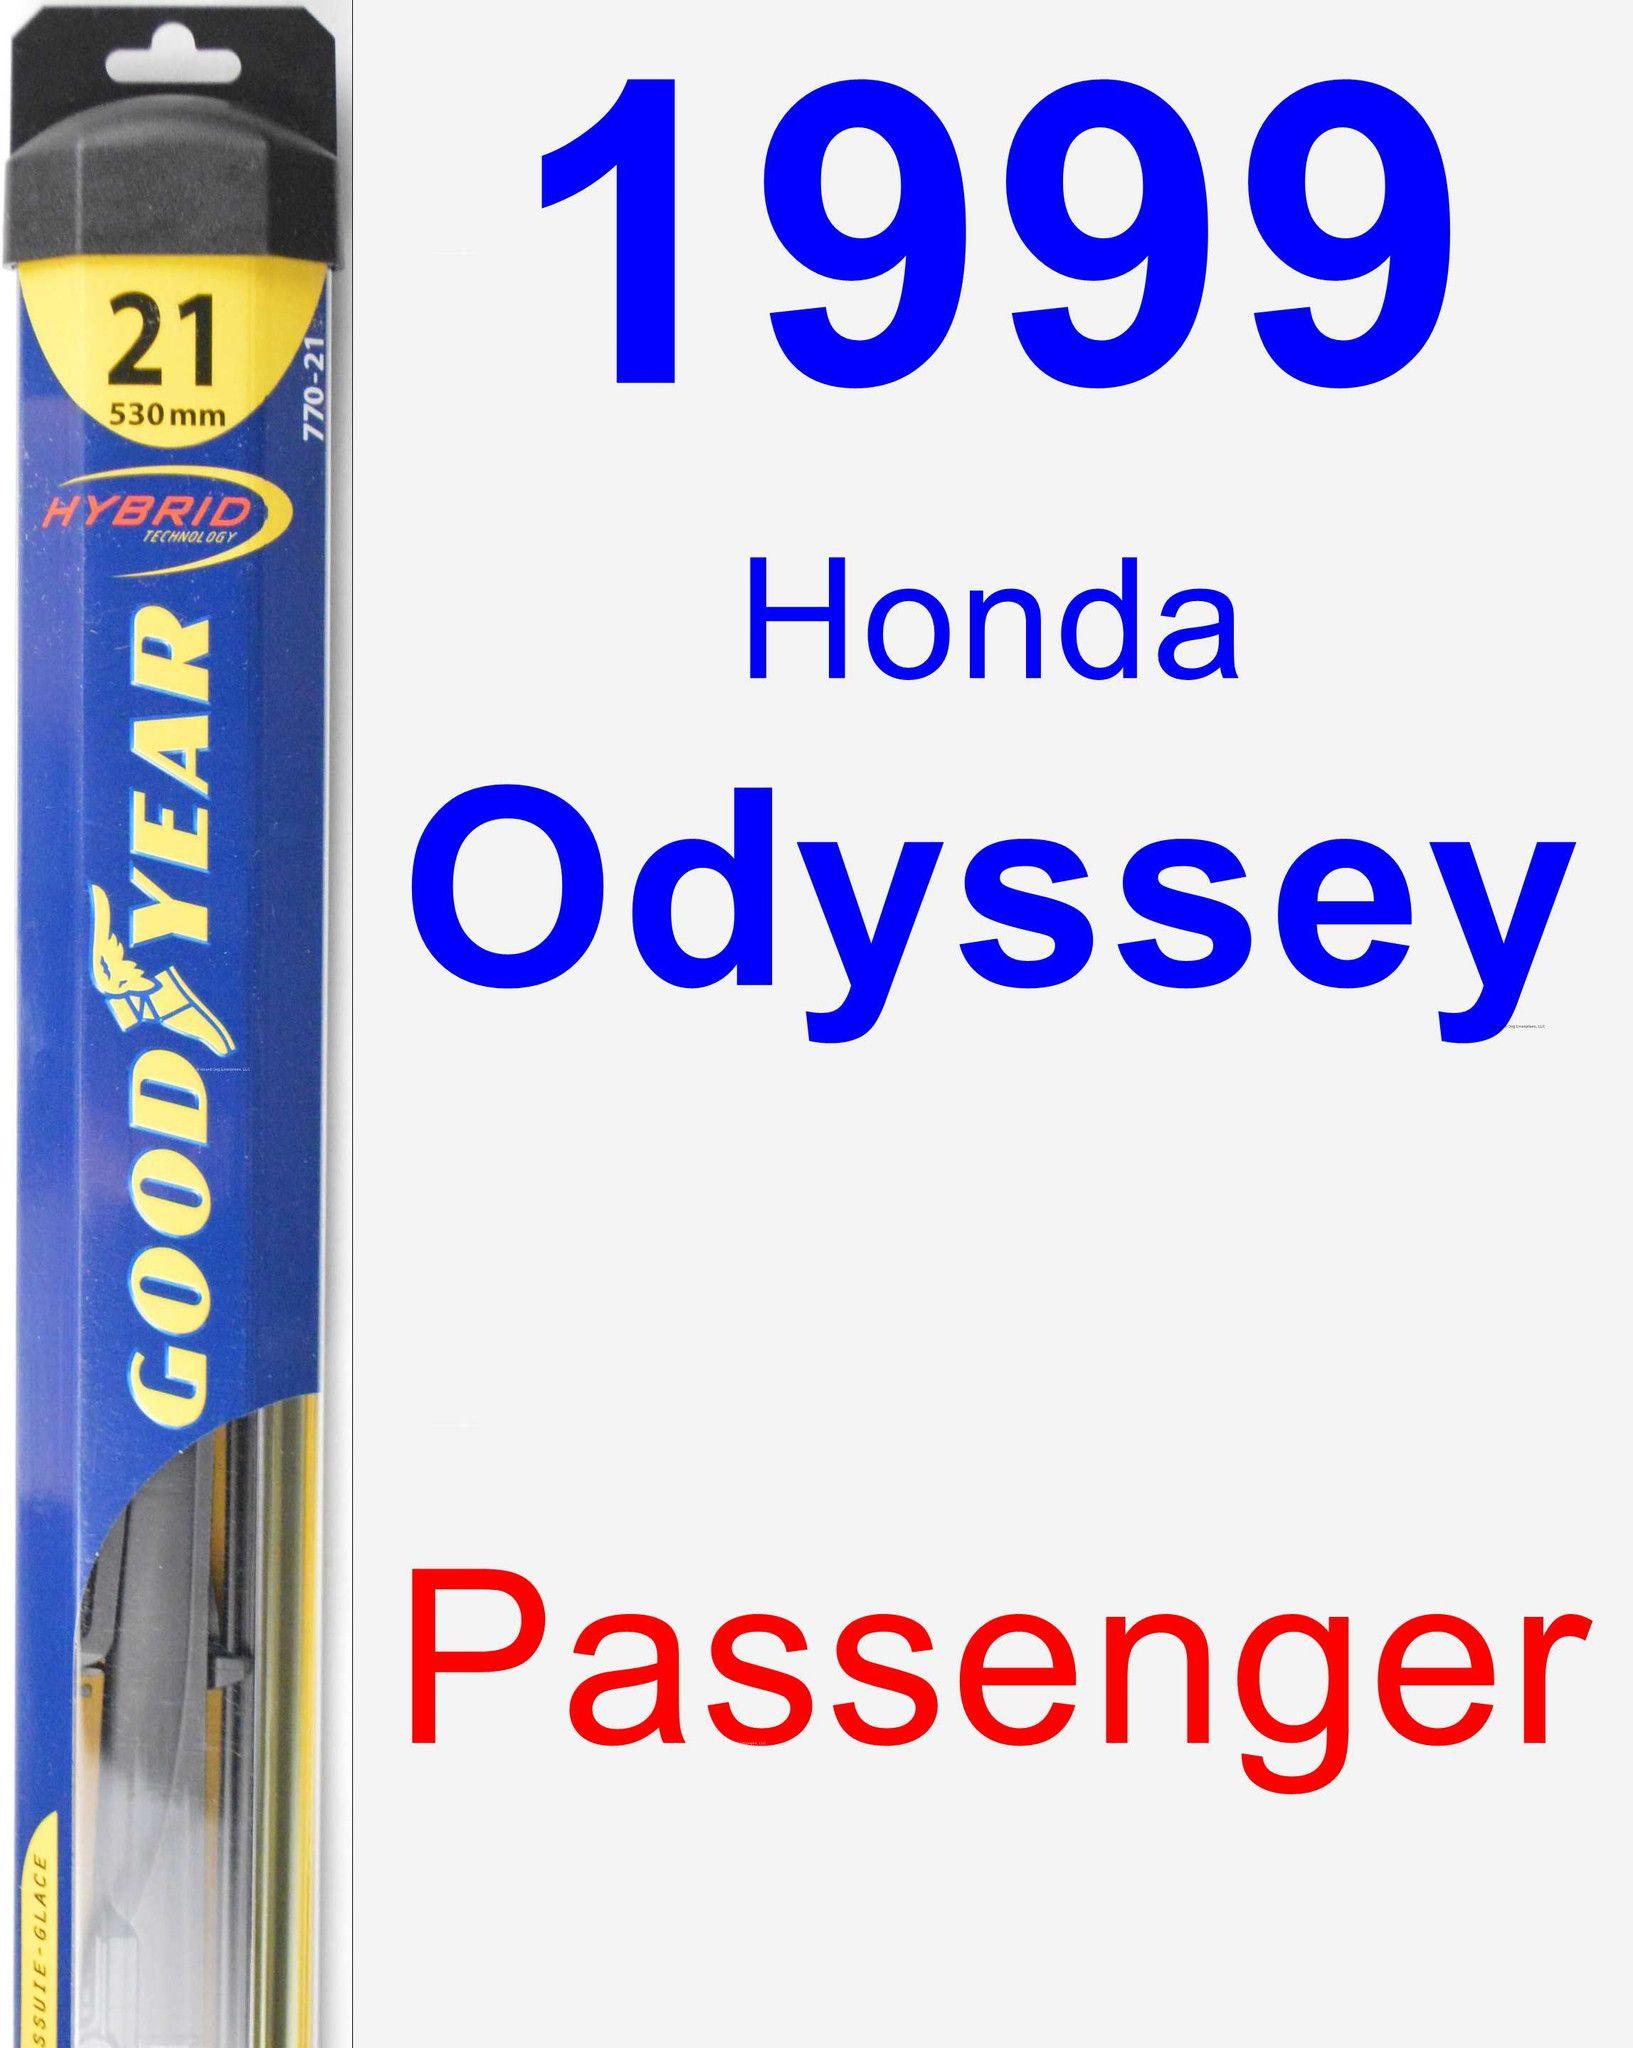 Passenger Wiper Blade for 1999 Honda Odyssey Hybrid